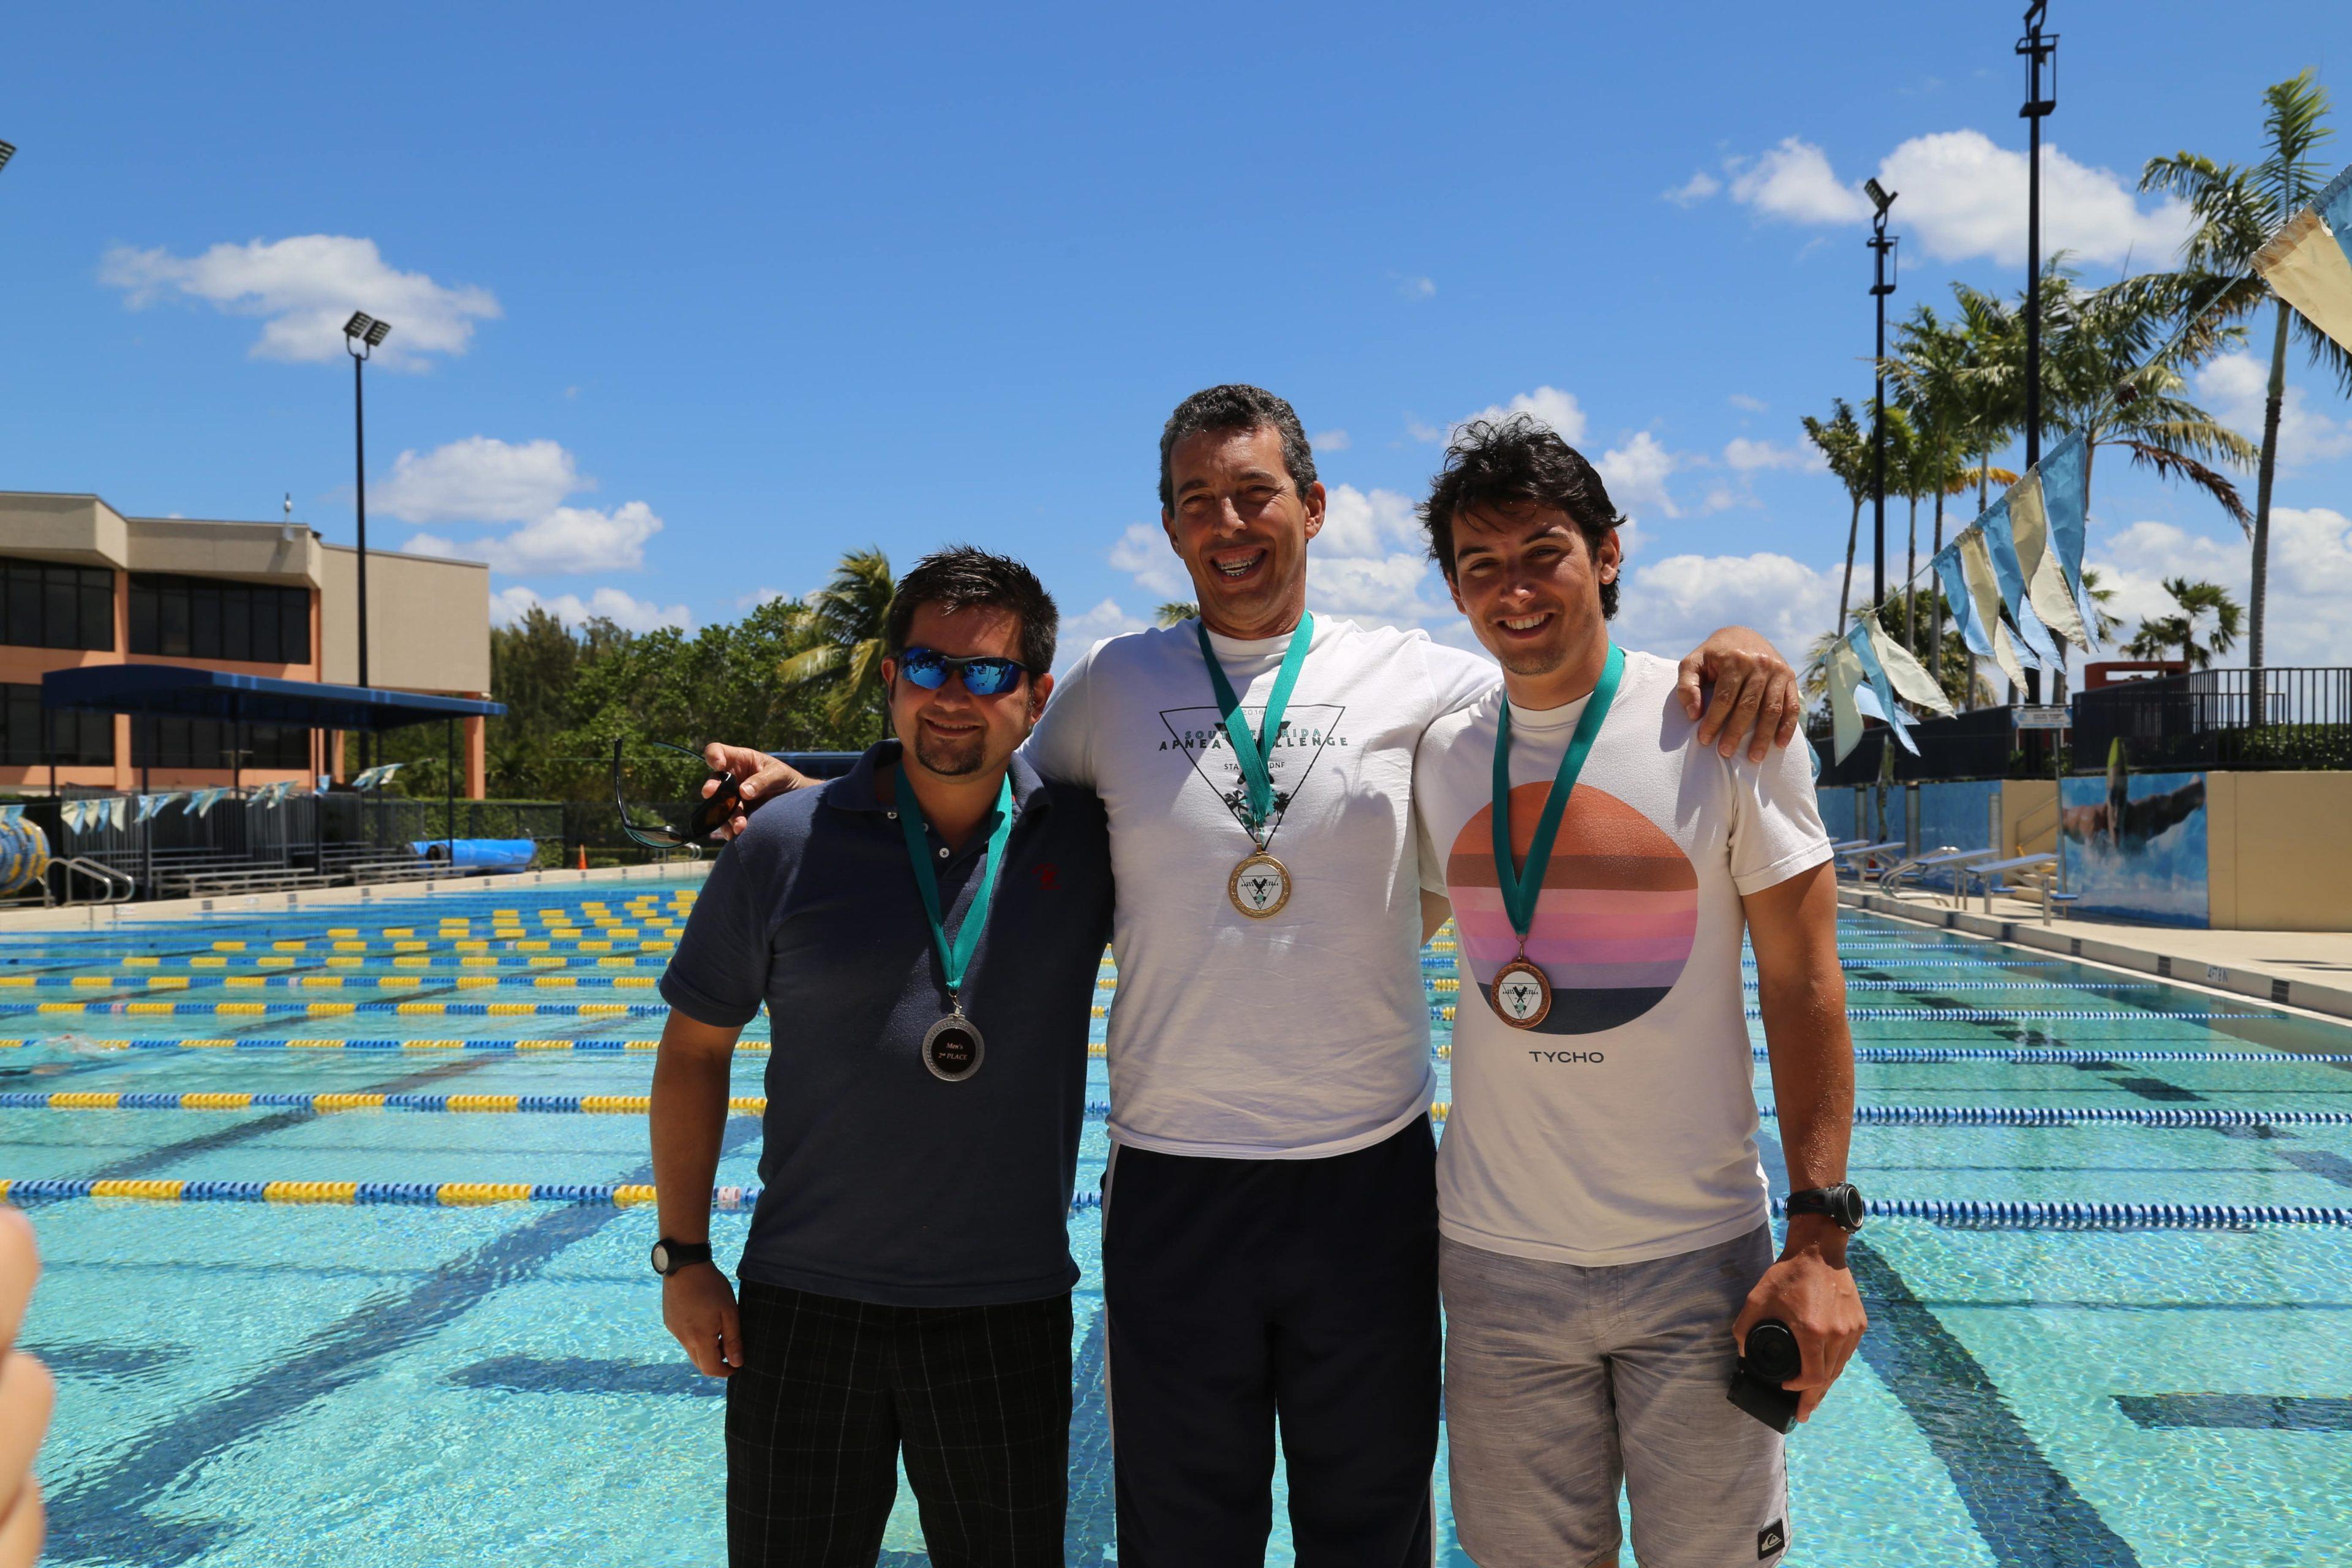 The Winning Men - Leo Lupoli (Venezuela), Luis Arismendi (Venezuela), Eddy Gonzalez (USA)